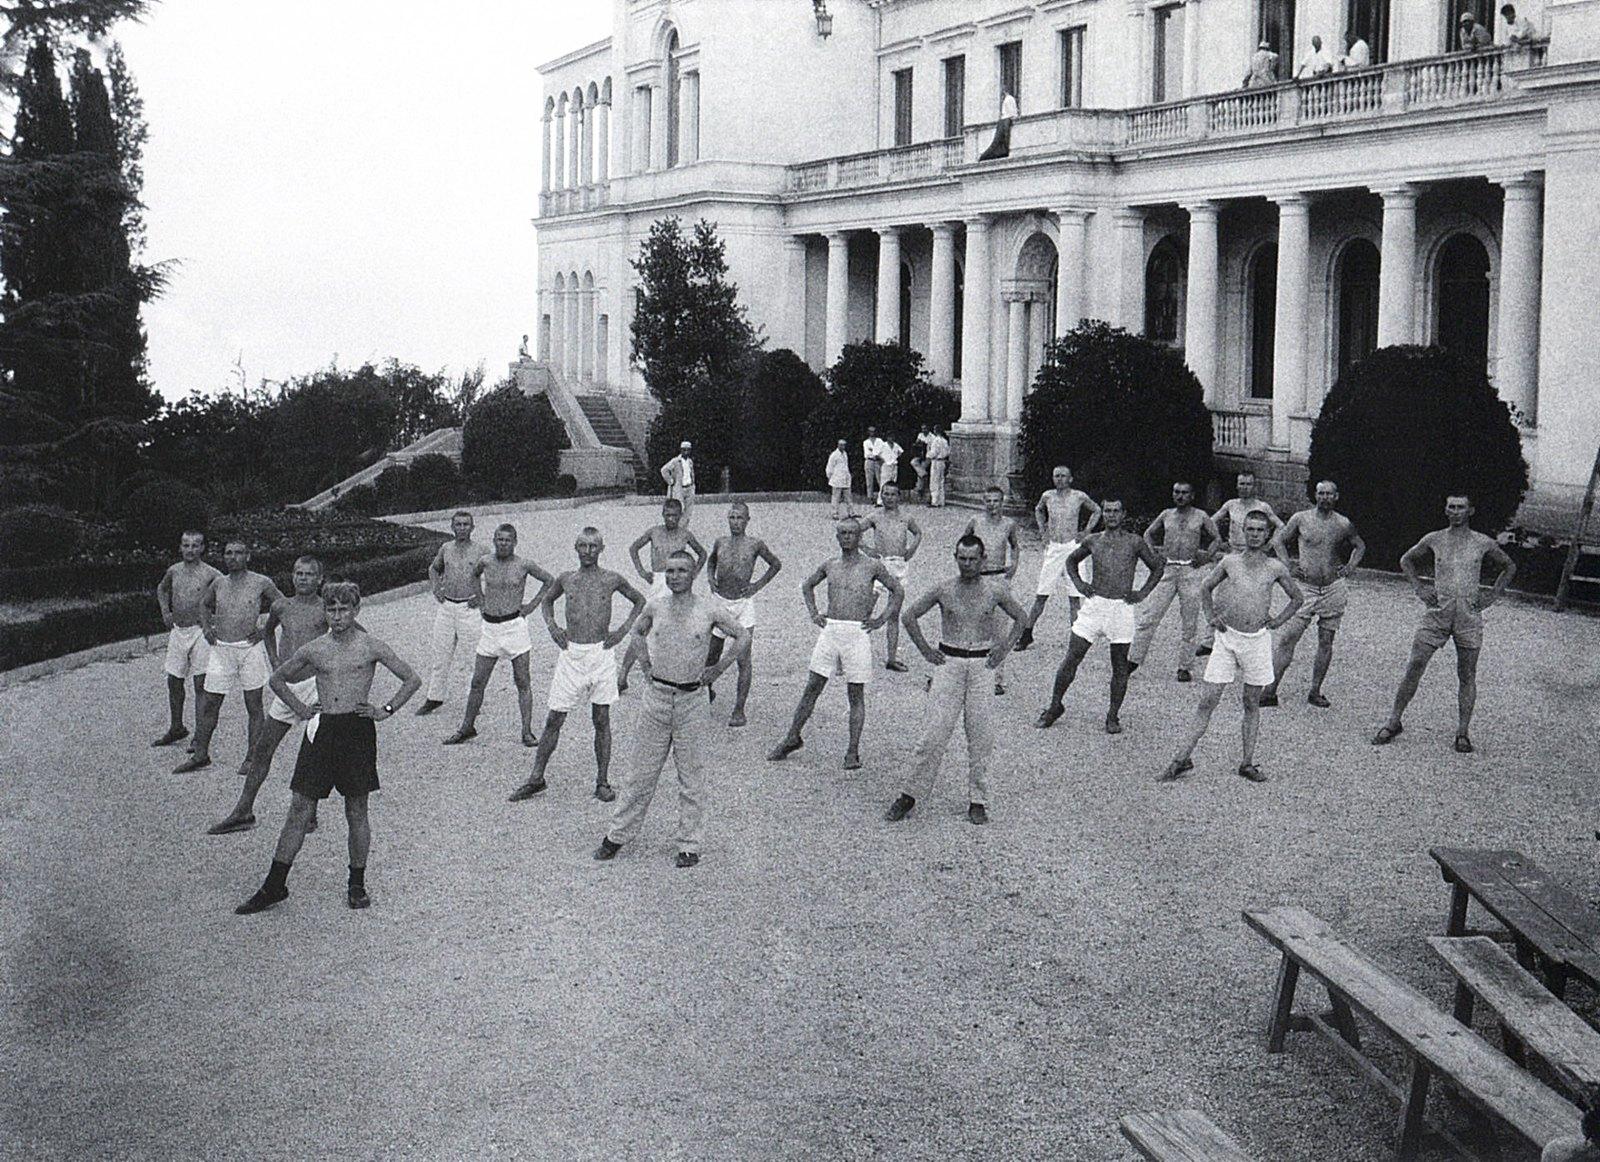 1925. Открытие крестьянского курорта Ливадия. Упражнение перед дворцом